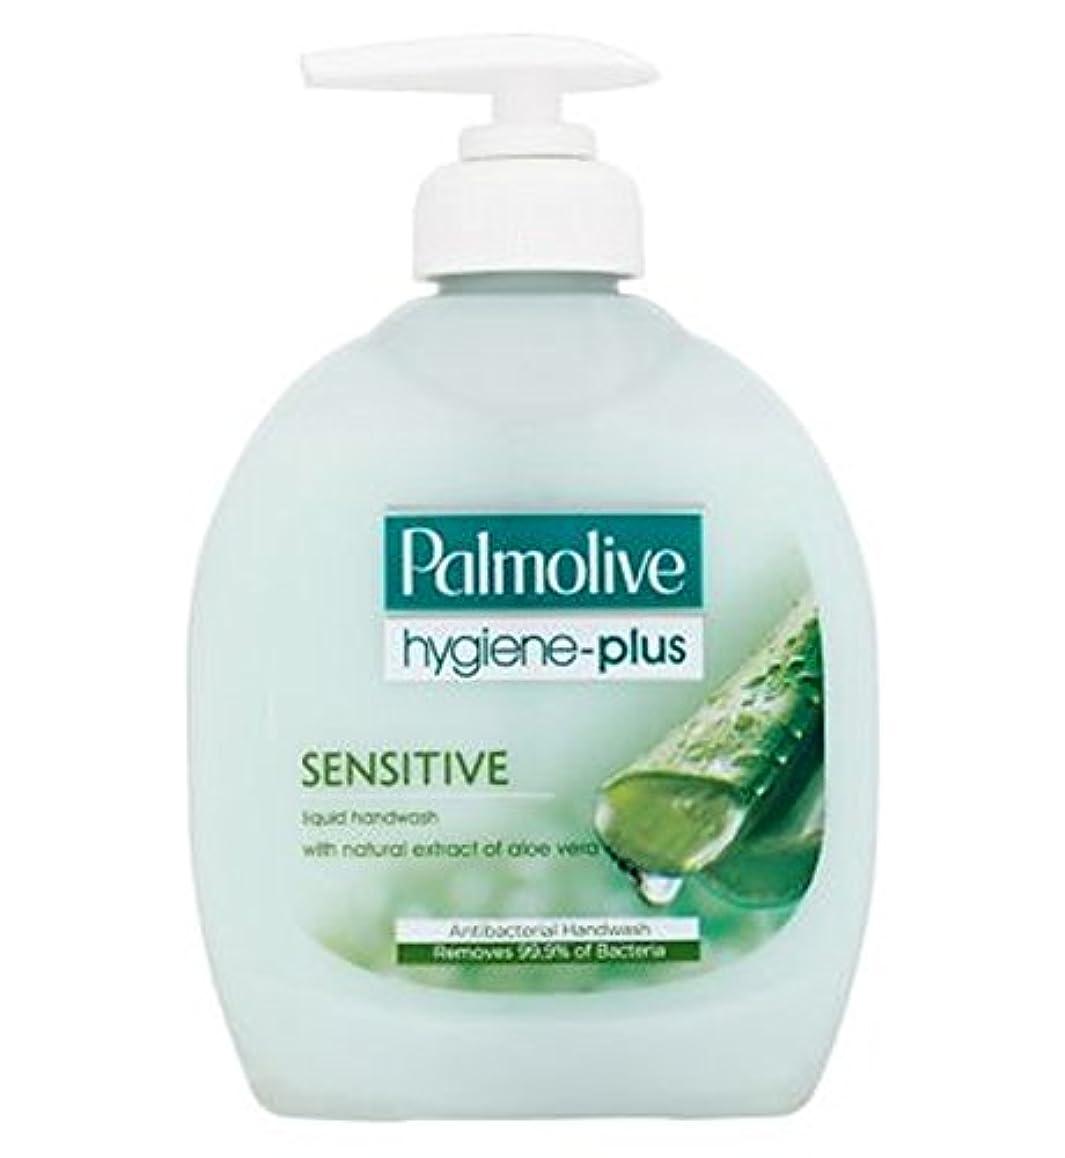 男性バランス神経パルモ衛生プラス敏感手洗い (Palmolive) (x2) - Palmolive Hygiene Plus Sensitive Handwash (Pack of 2) [並行輸入品]